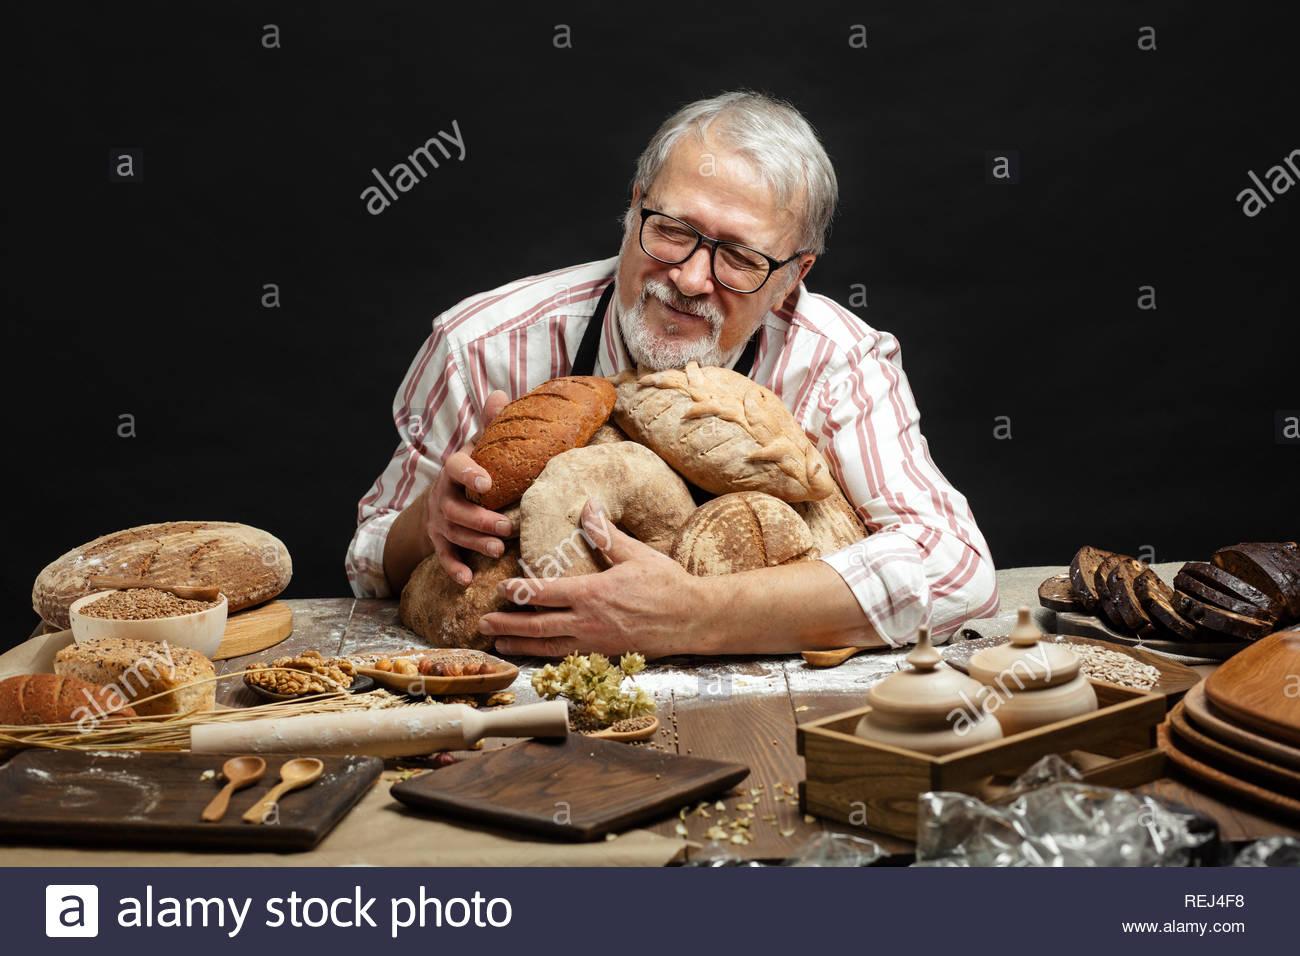 [Imagen: feliz-viejo-baker-mirando-a-la-camara-y-...rej4f8.jpg]